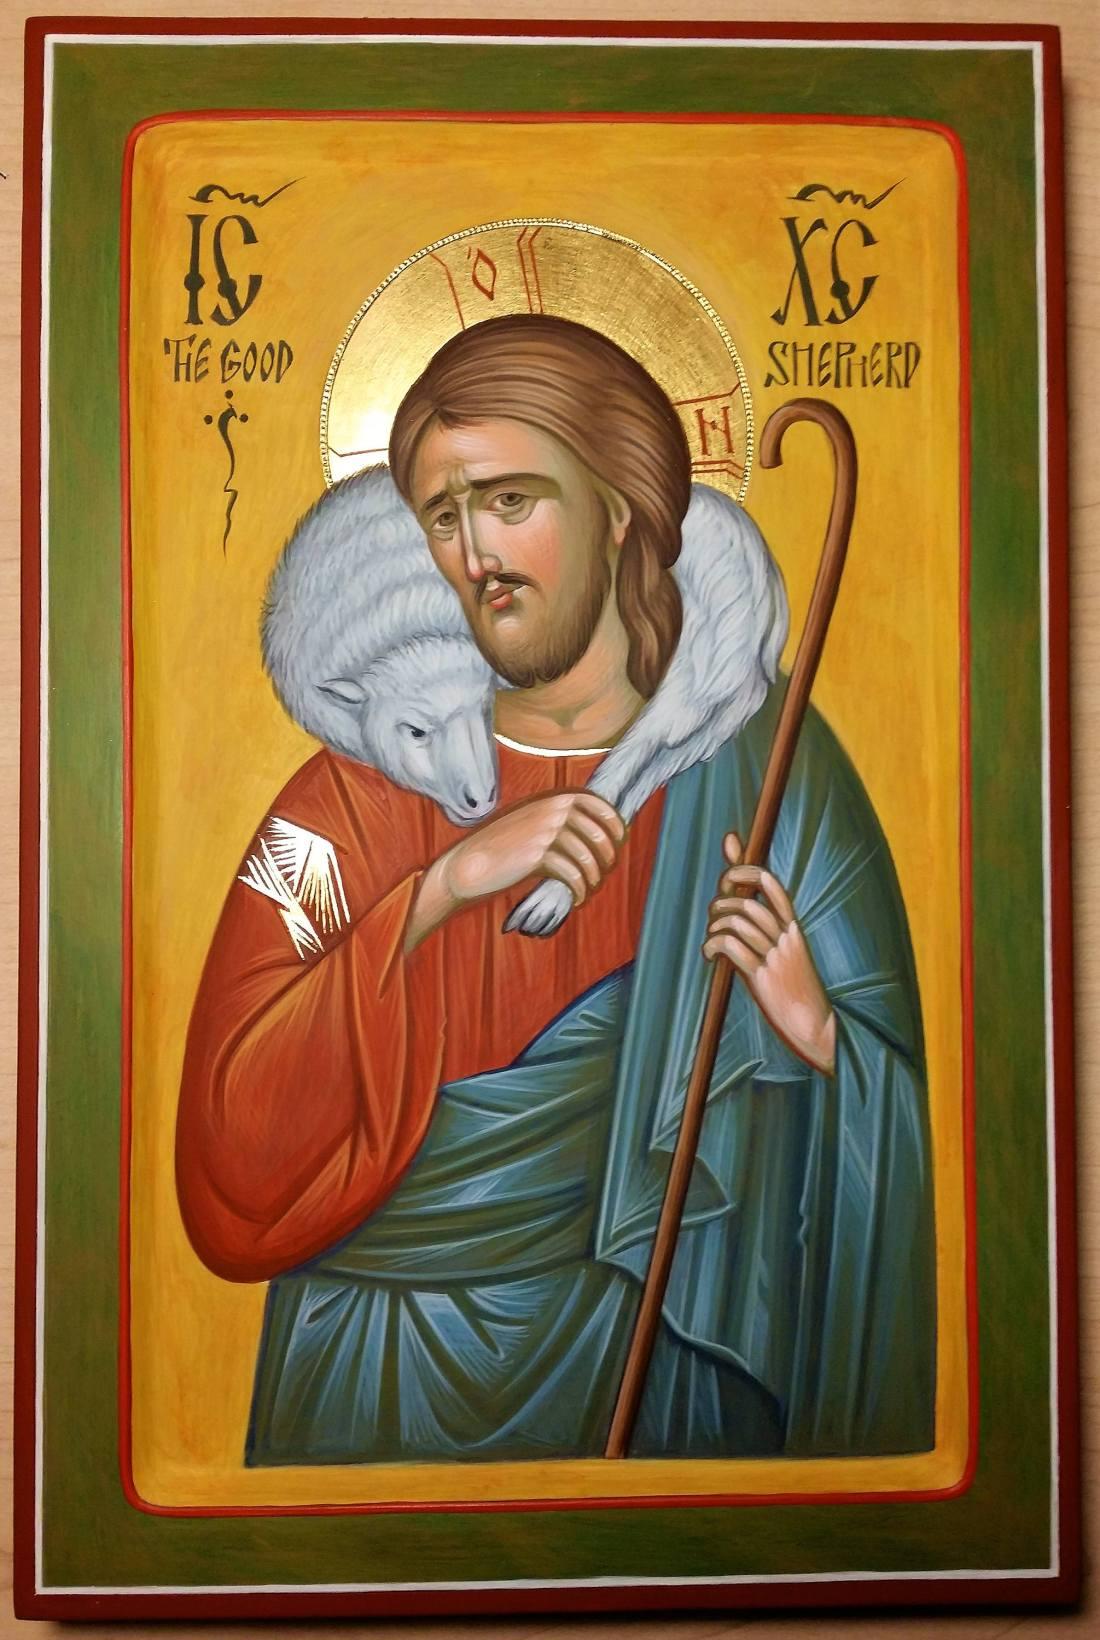 shepherd-icon-23